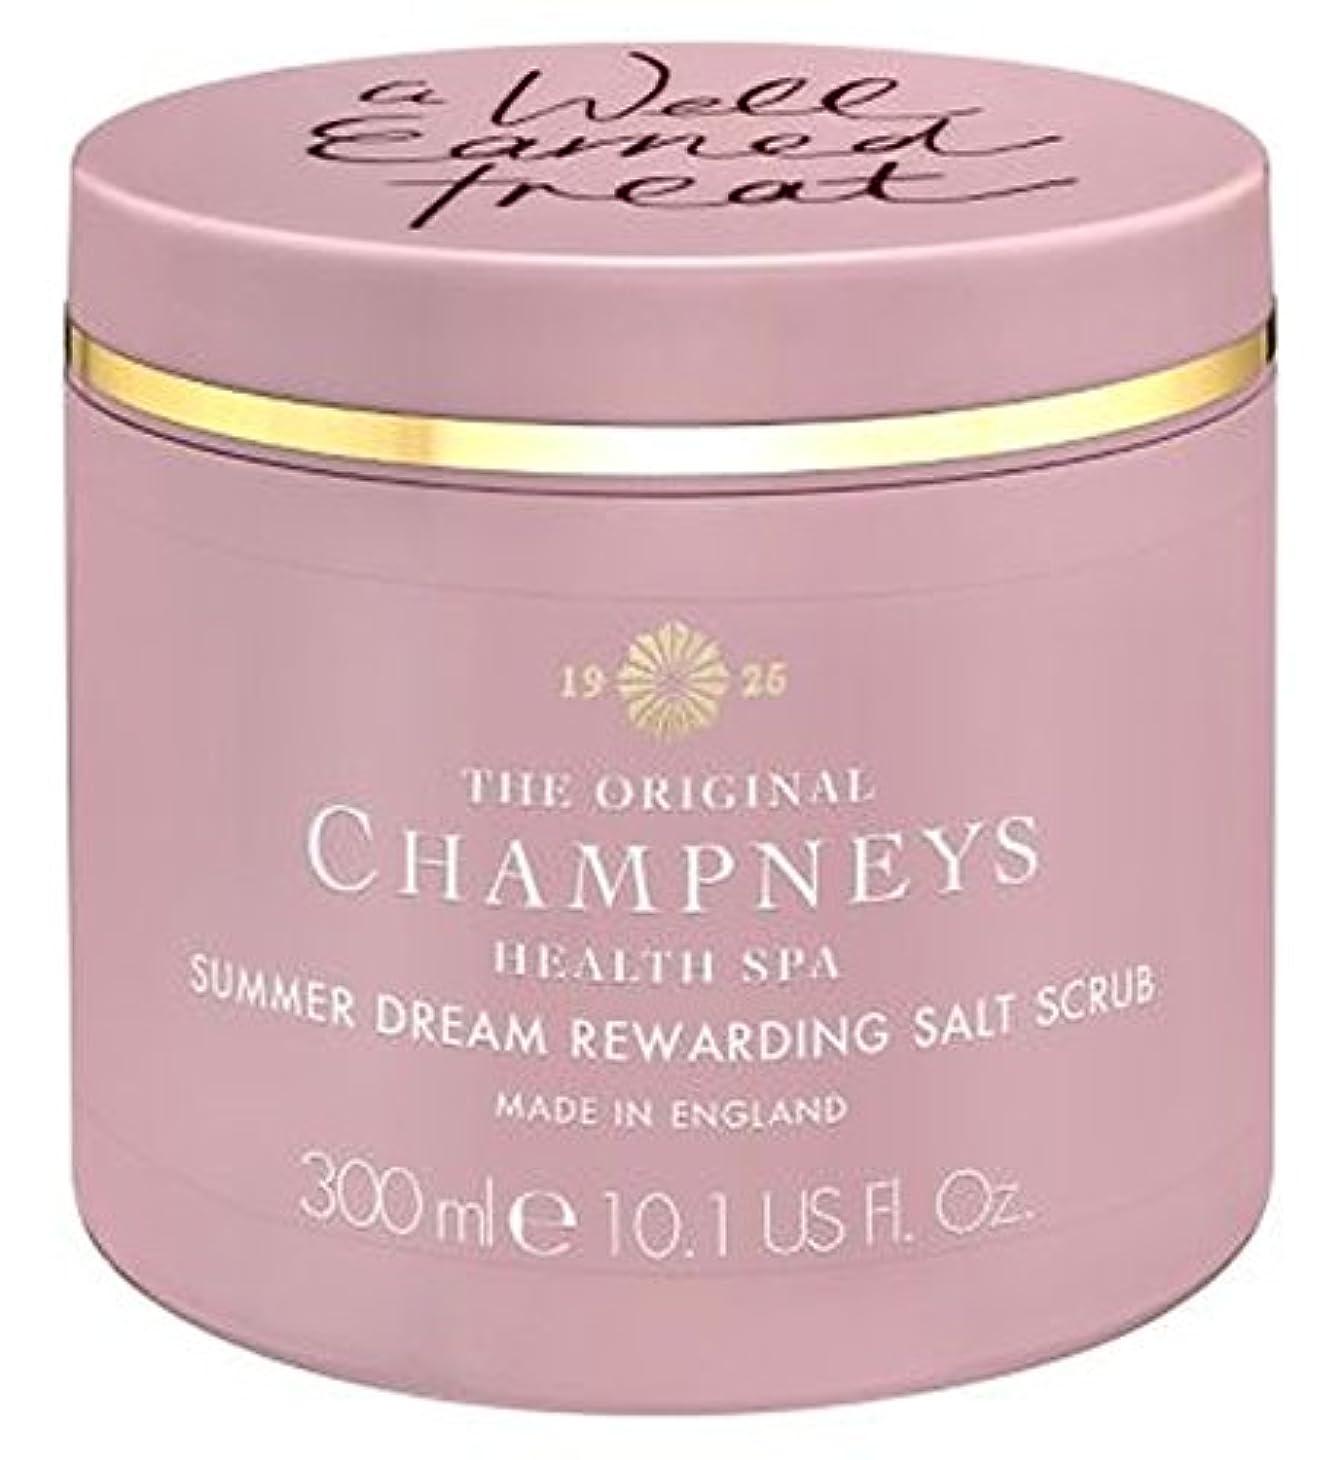 深さ枯れる液体チャンプニーズの夏の夢やりがいの塩スクラブ300ミリリットル (Champneys) (x2) - Champneys Summer Dream Rewarding Salt Scrub 300ml (Pack of 2) [並行輸入品]